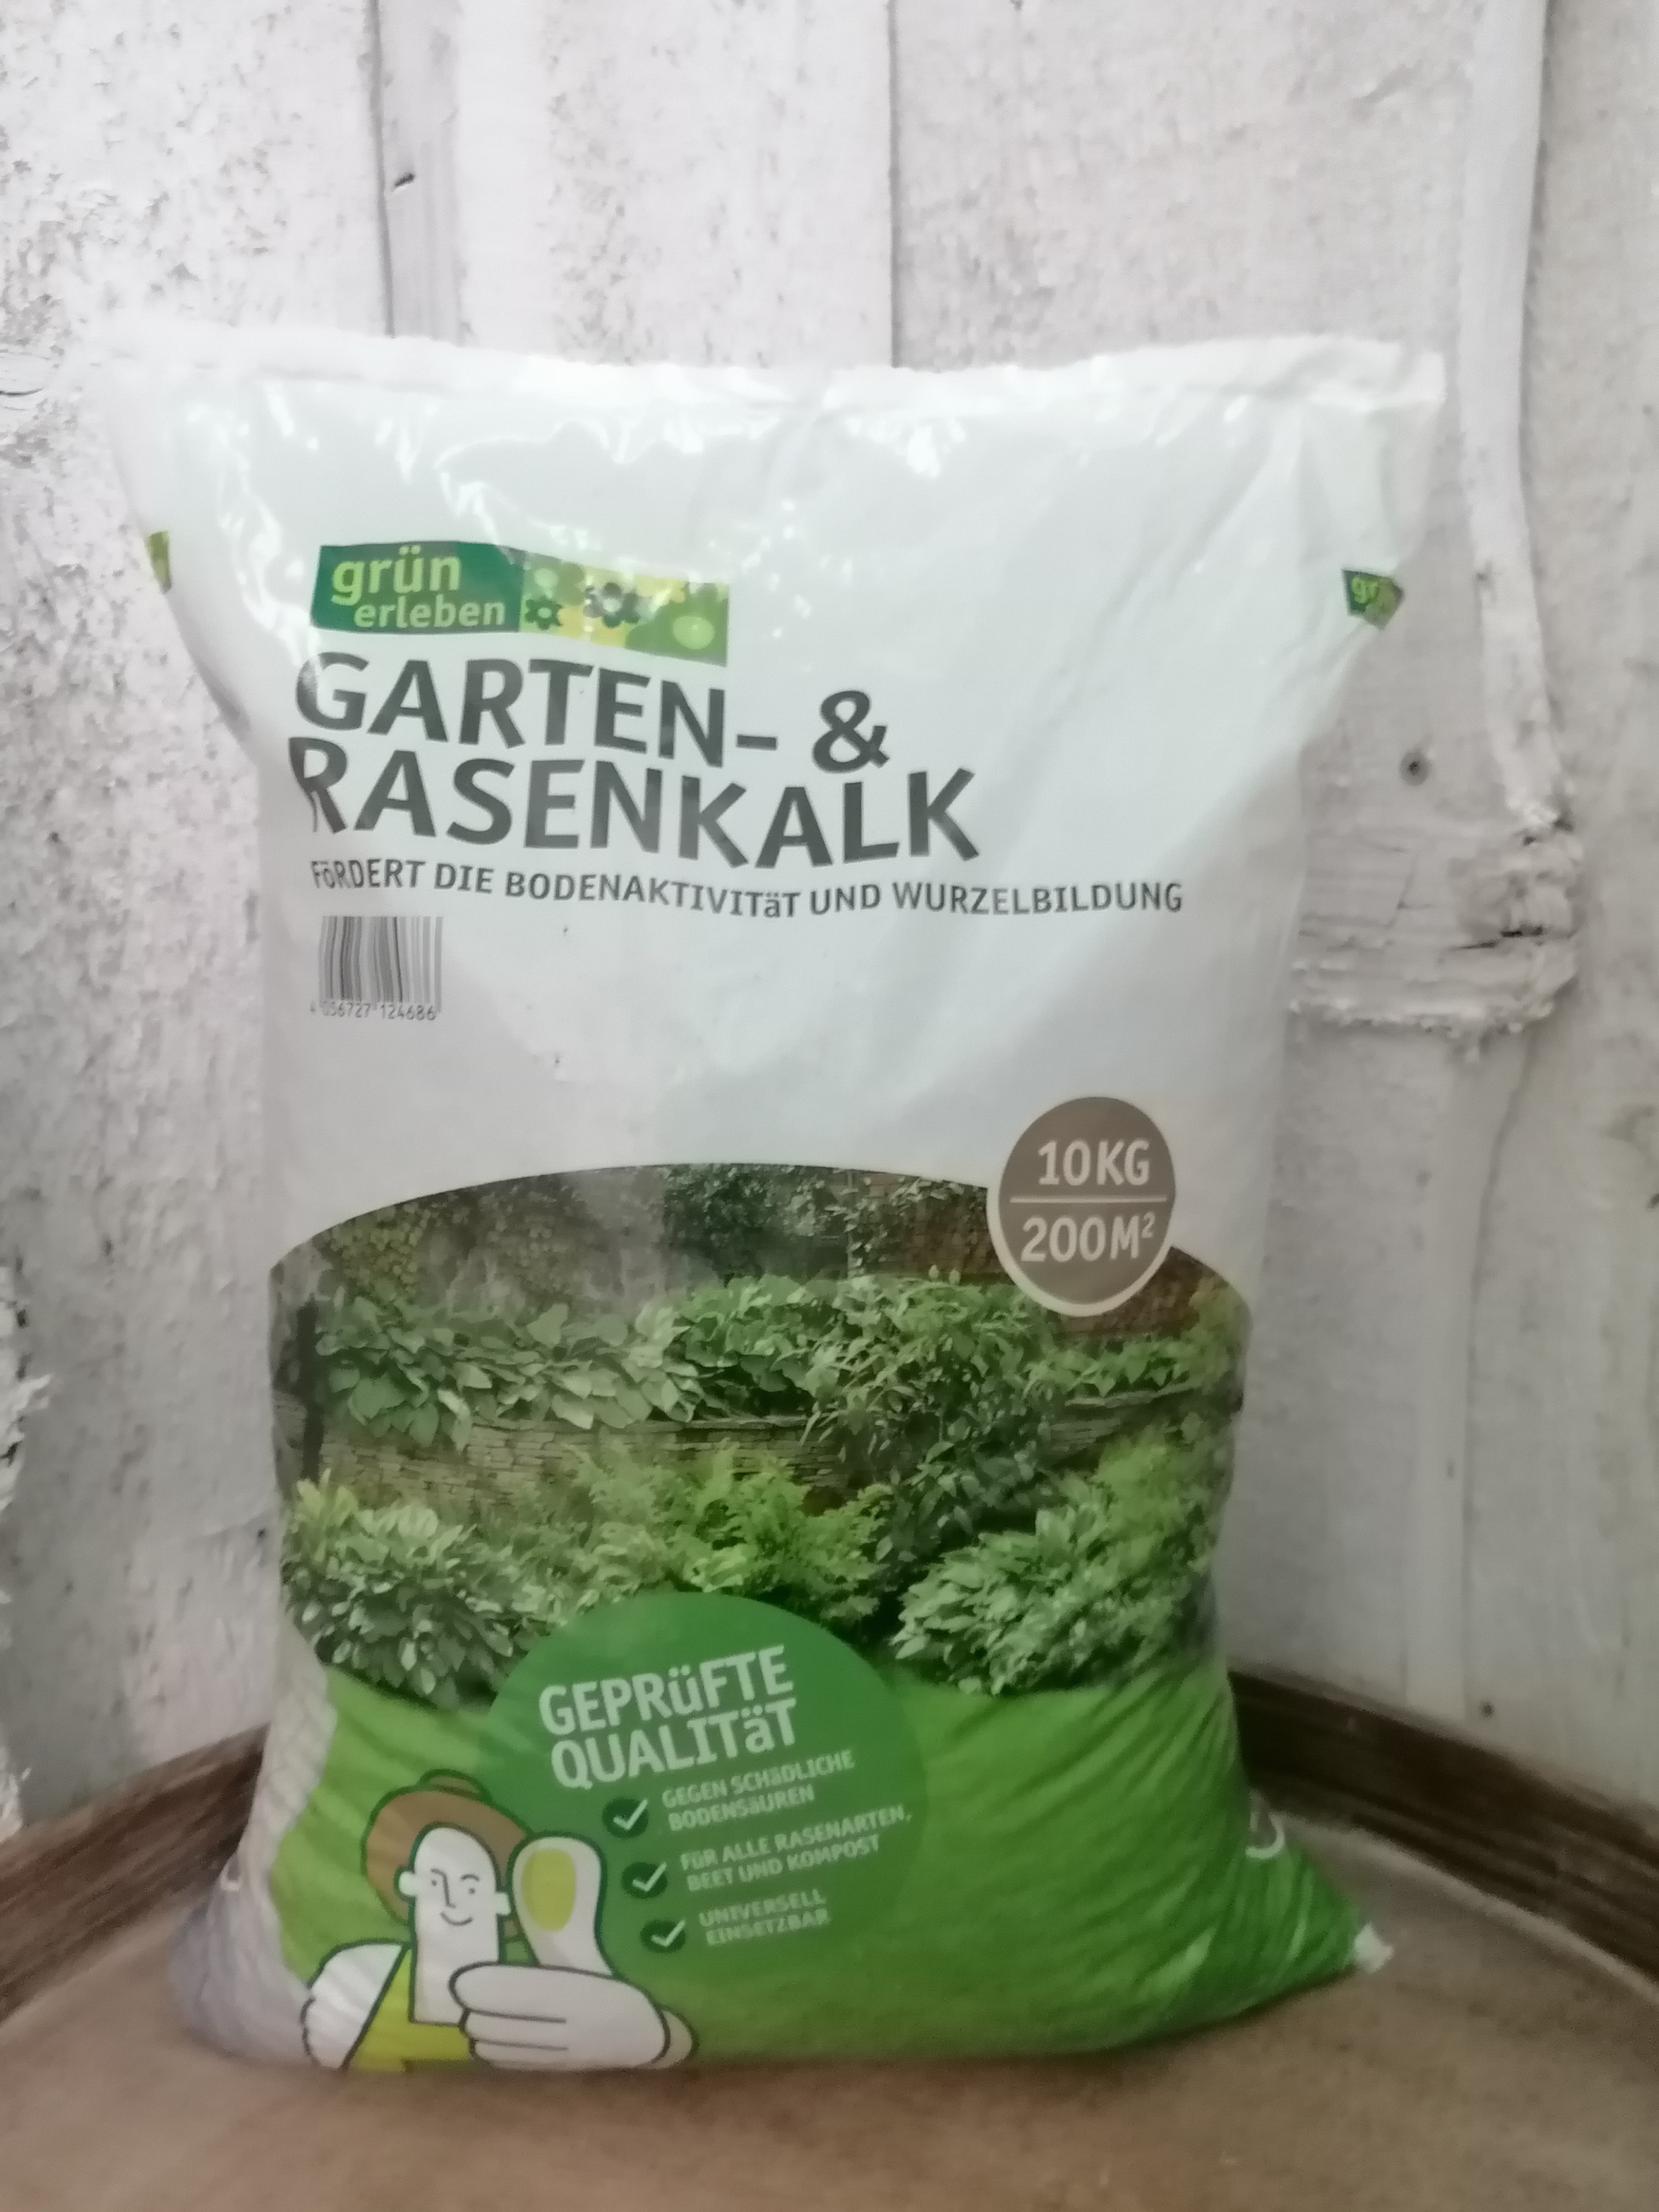 Garten- und Rasenkalk